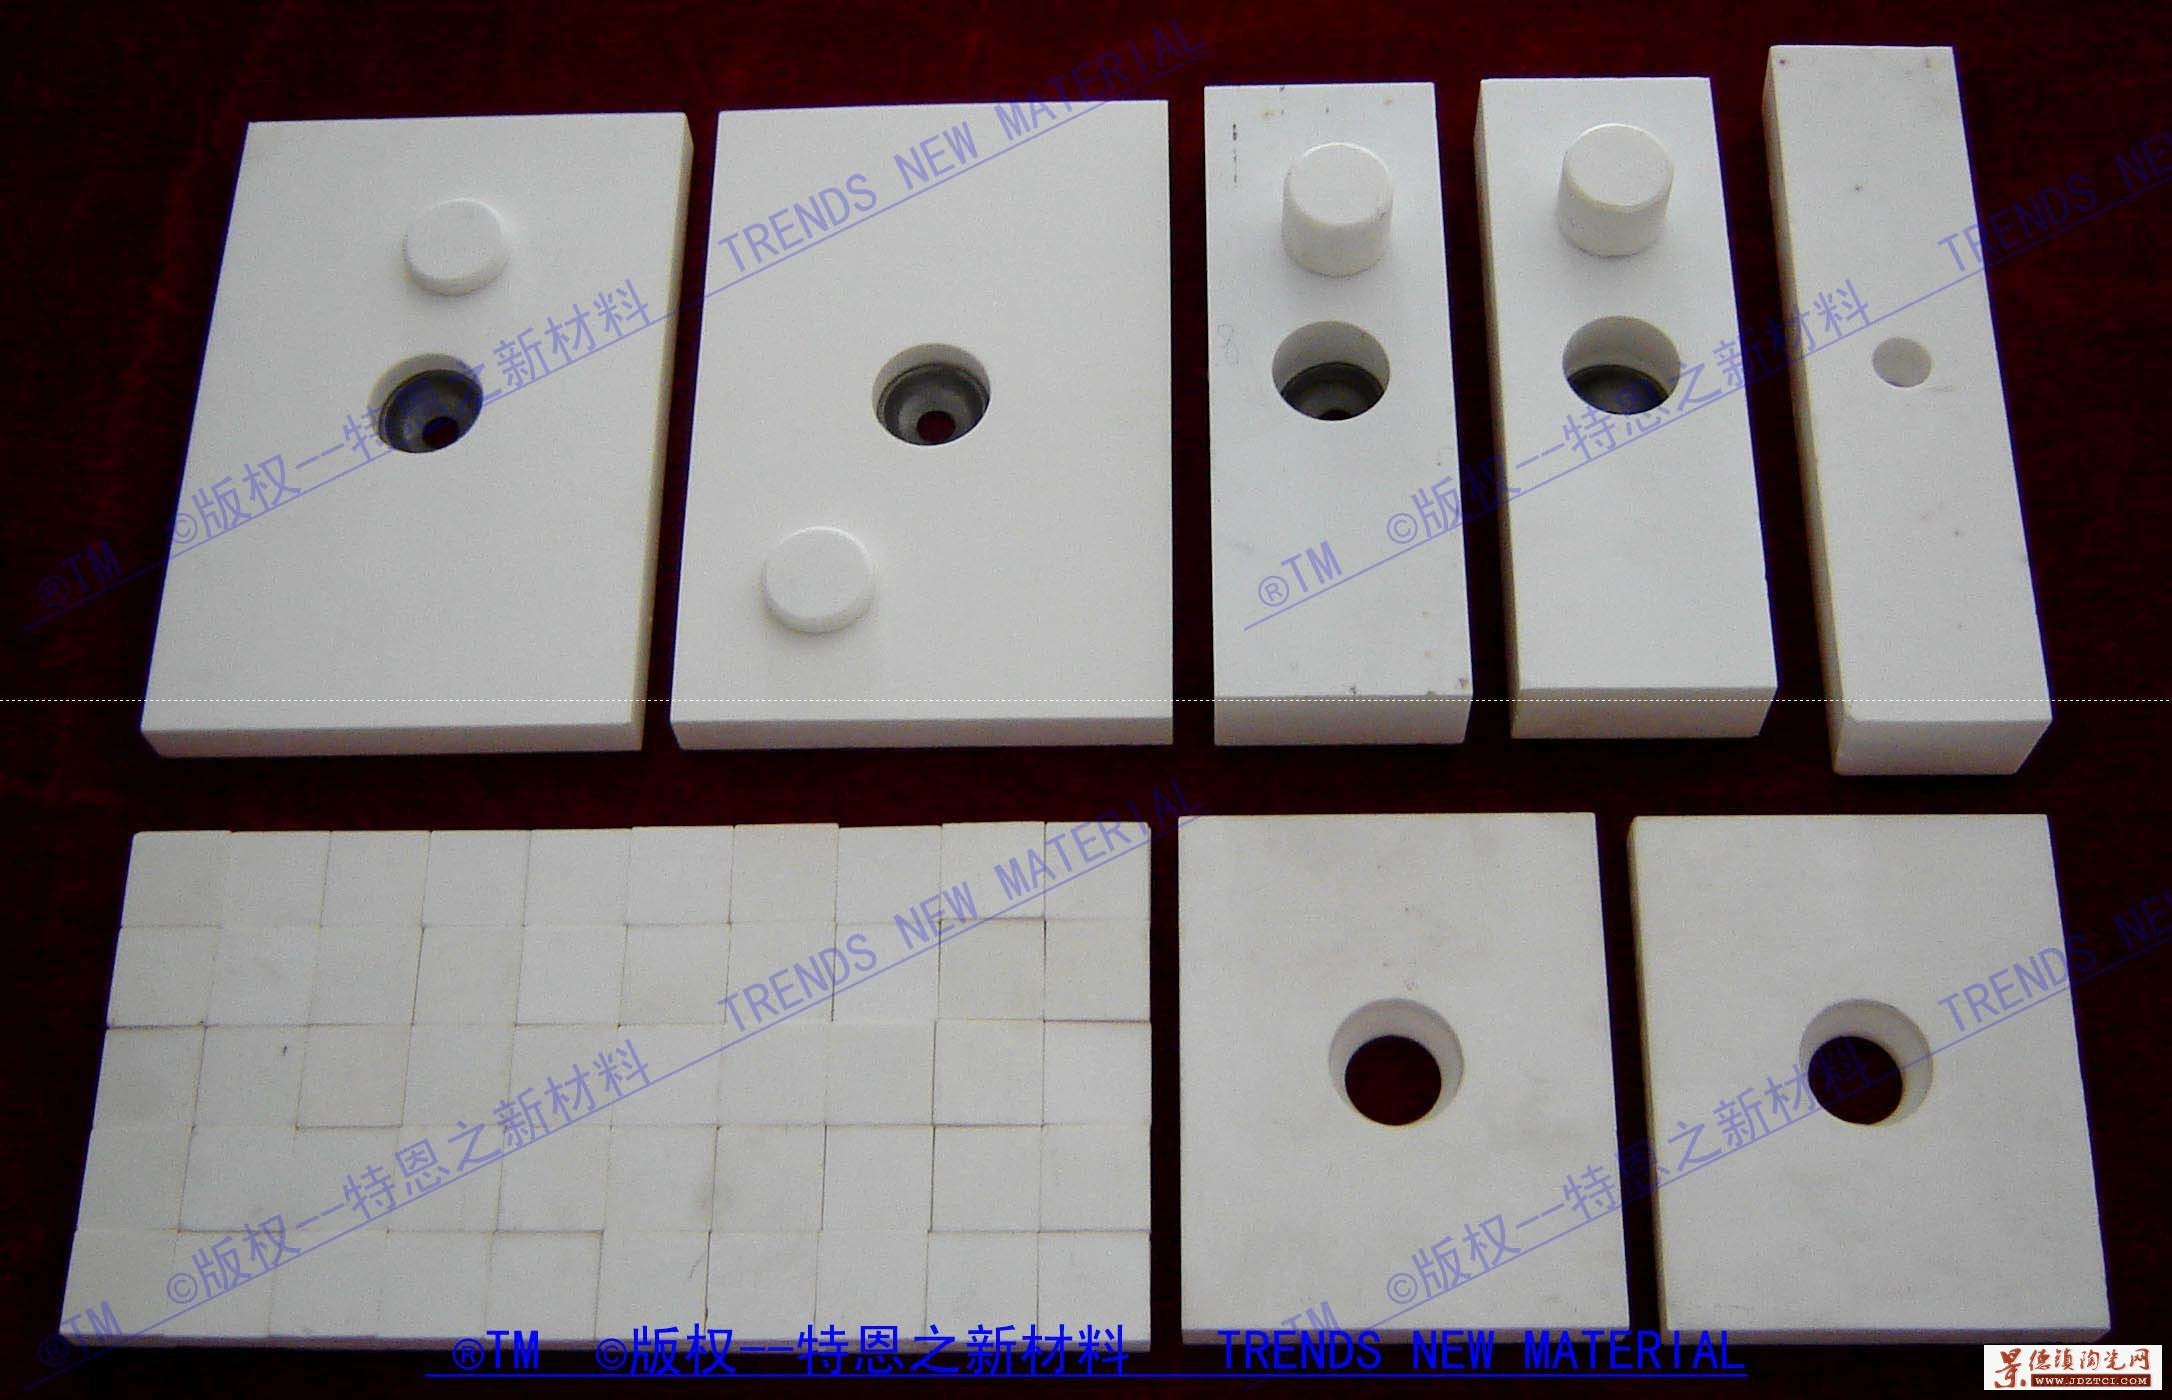 氧化铝耐磨陶瓷衬板、片、砖,本公司专业生产氧化铝陶瓷、陶瓷密封件、陶瓷管棒